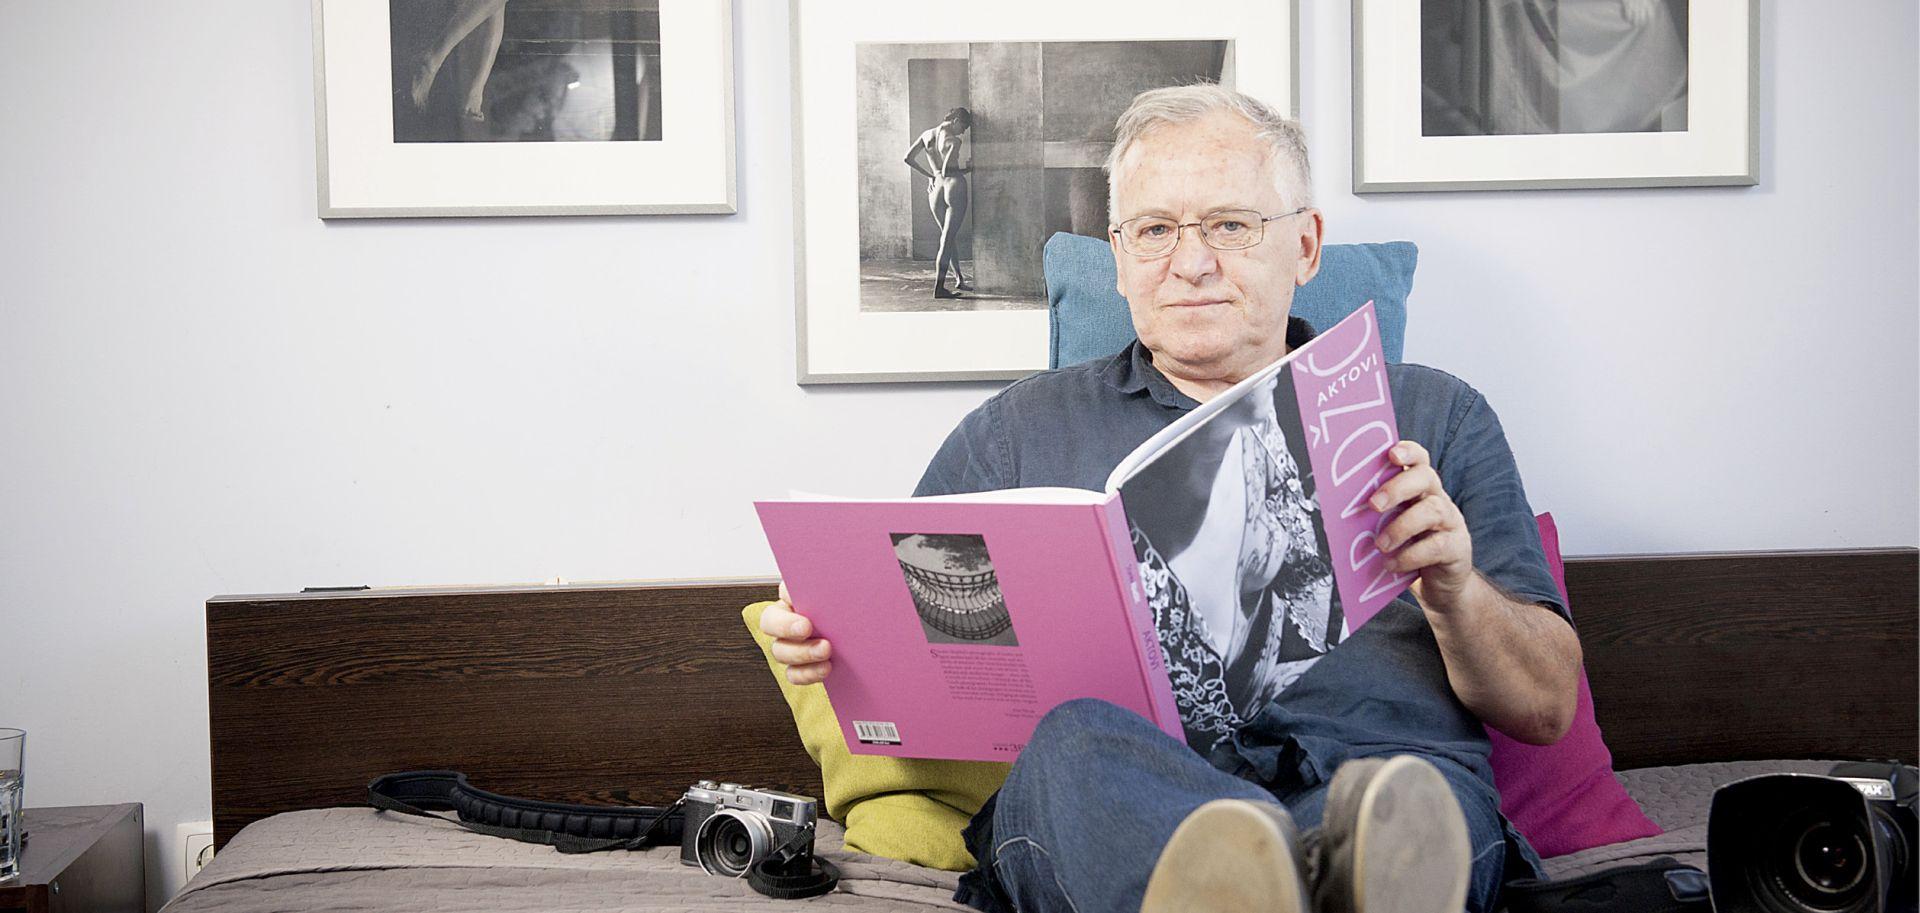 'Ako monografiju o Zagrebu nitko neće financirati, financirat ću je sam'